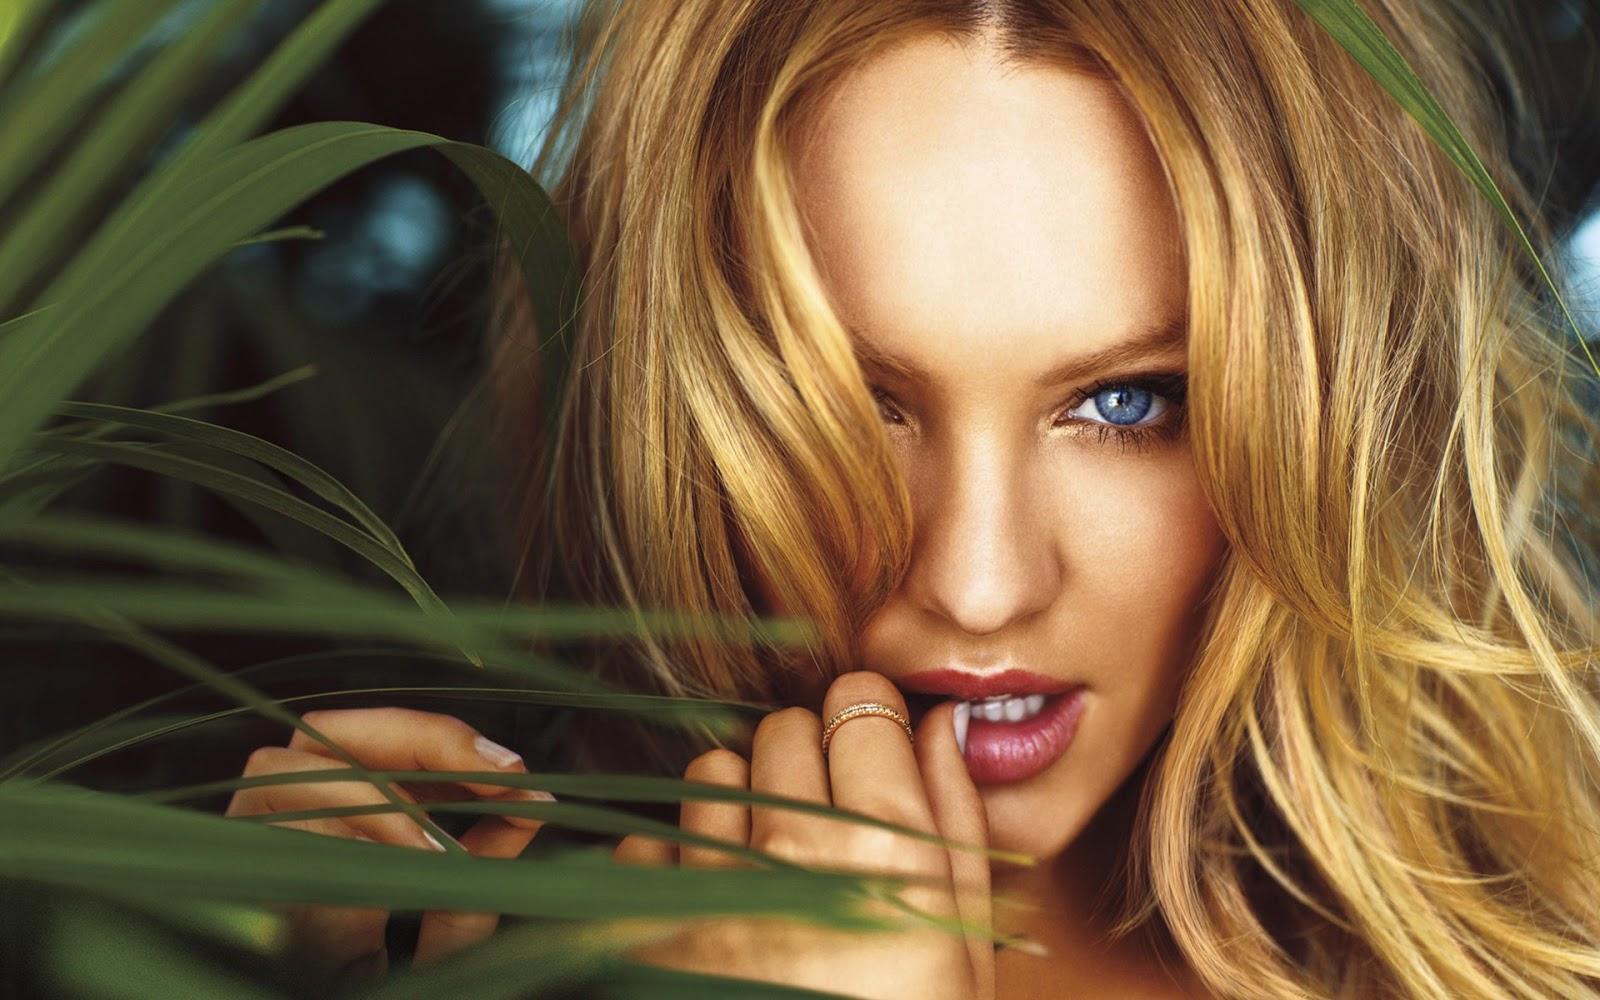 http://2.bp.blogspot.com/-07Un9cF2FMw/UQFLER9j7aI/AAAAAAAAOlg/c8O_hdBmYHw/s1600/Candice-Swanepoel-Natural-Beauty-1200.jpg